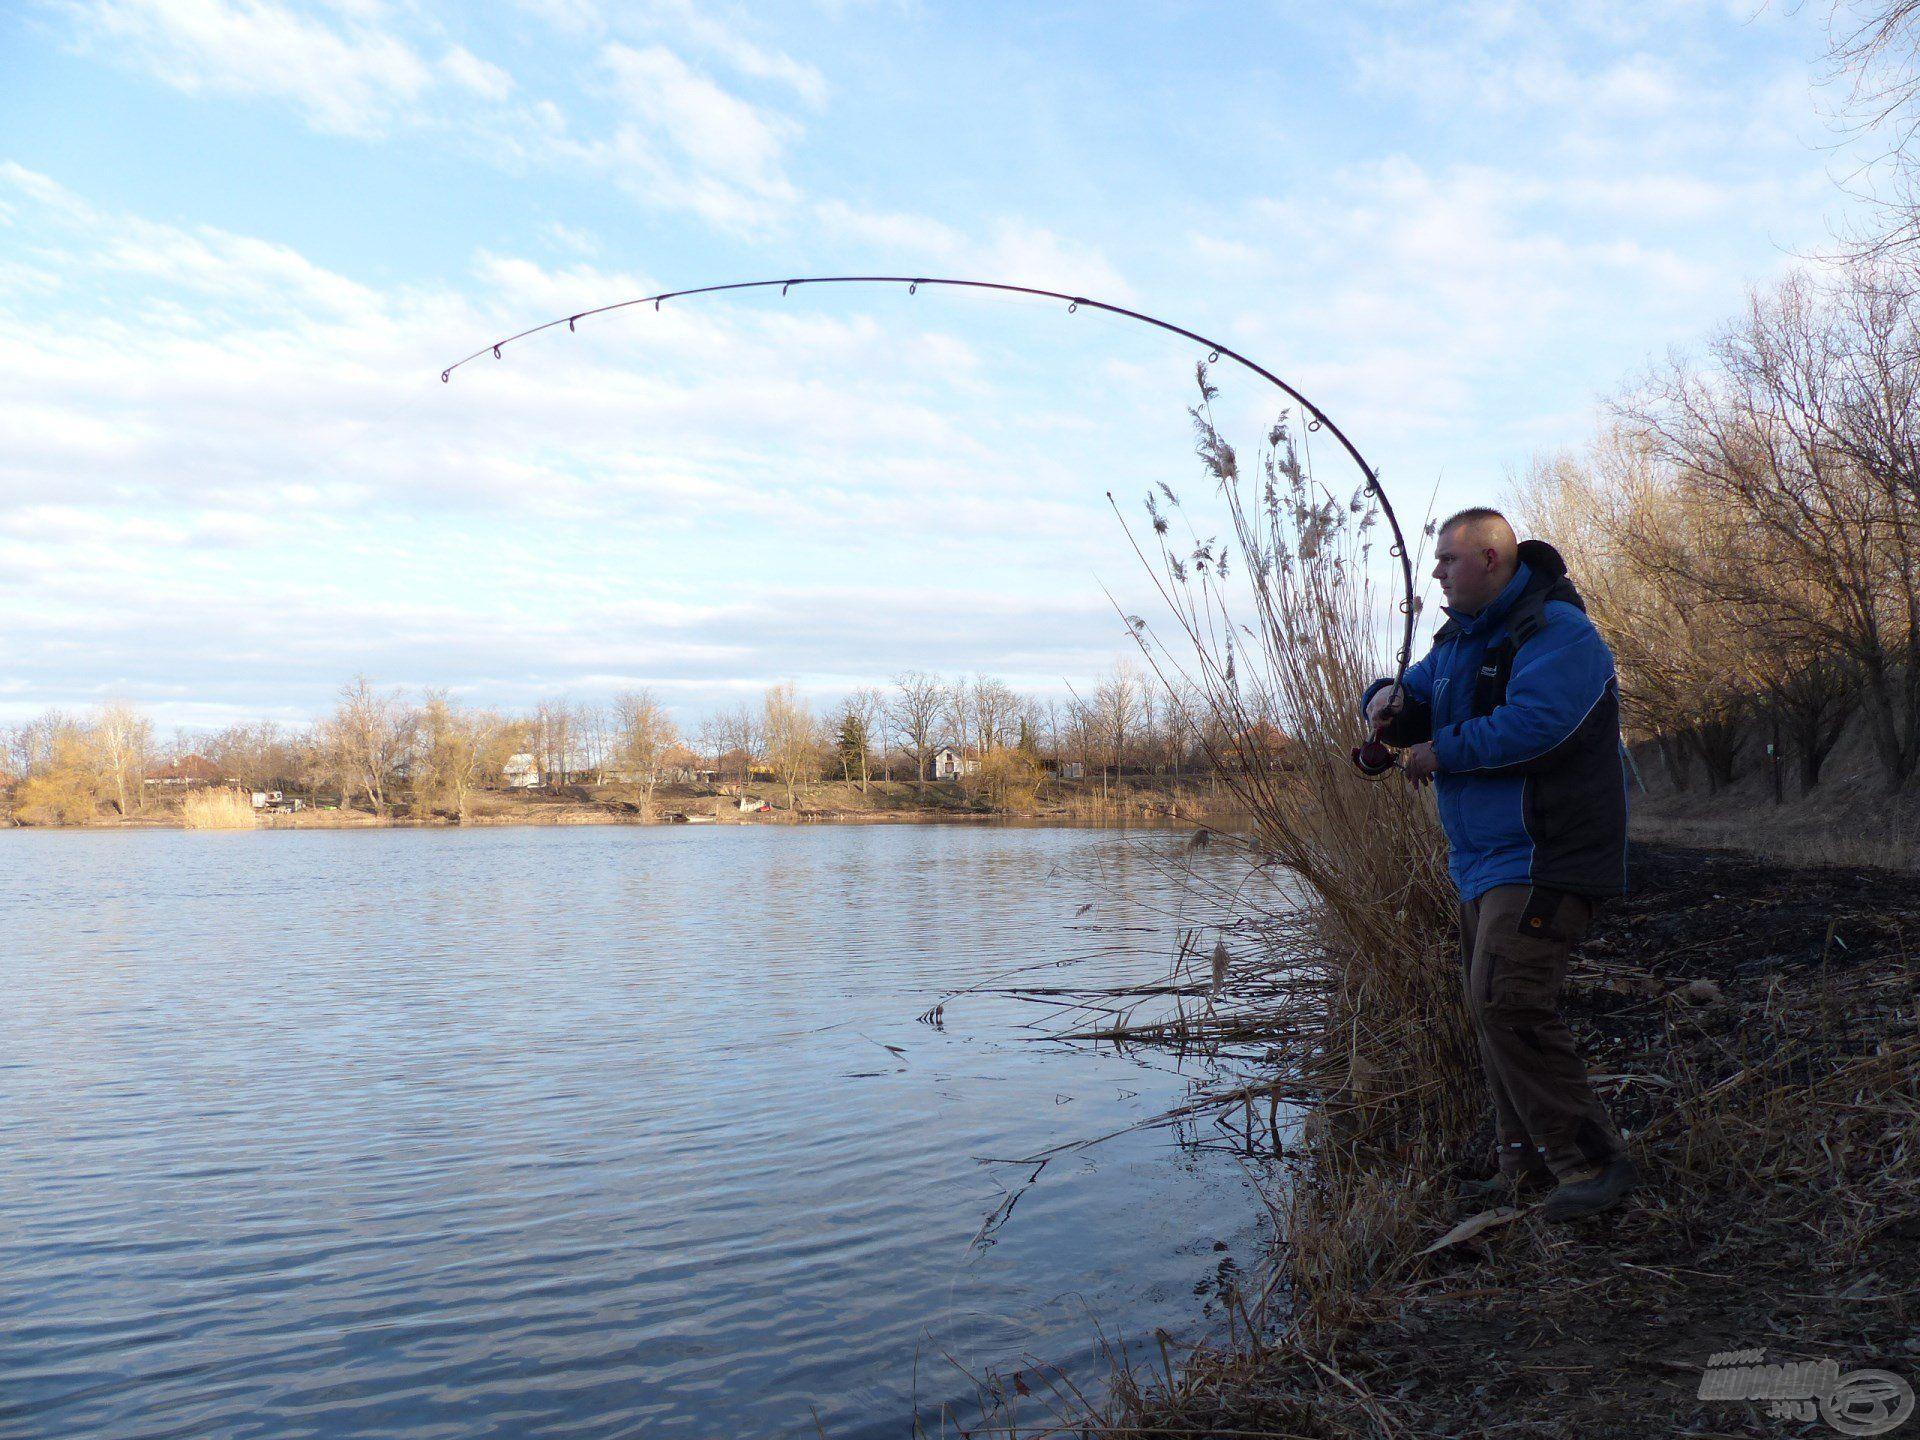 Jó horgászatnak ígérkezett ez a nap, gyorsan érkezett az első jelentkező…